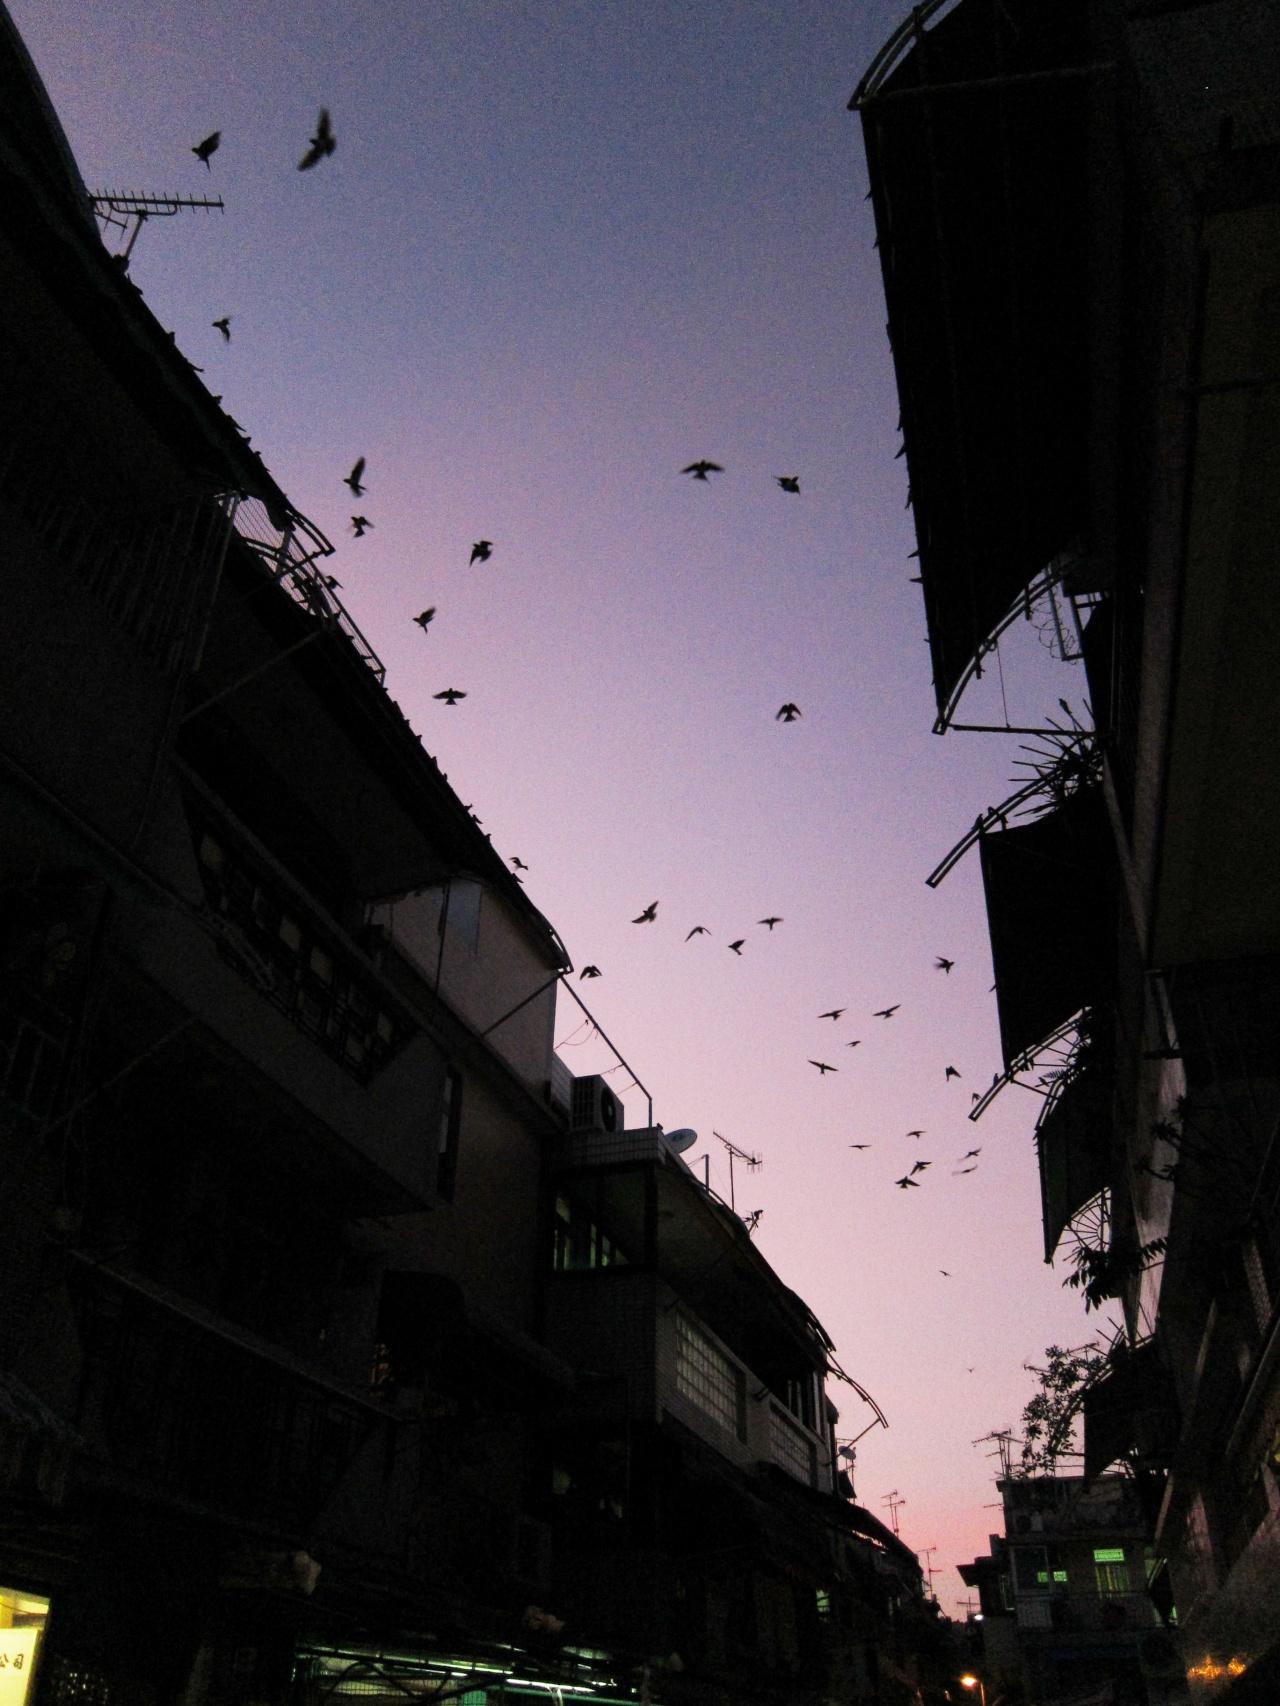 鳥季時,長洲常見漫天飛燕的景氣。(林潤強提供)